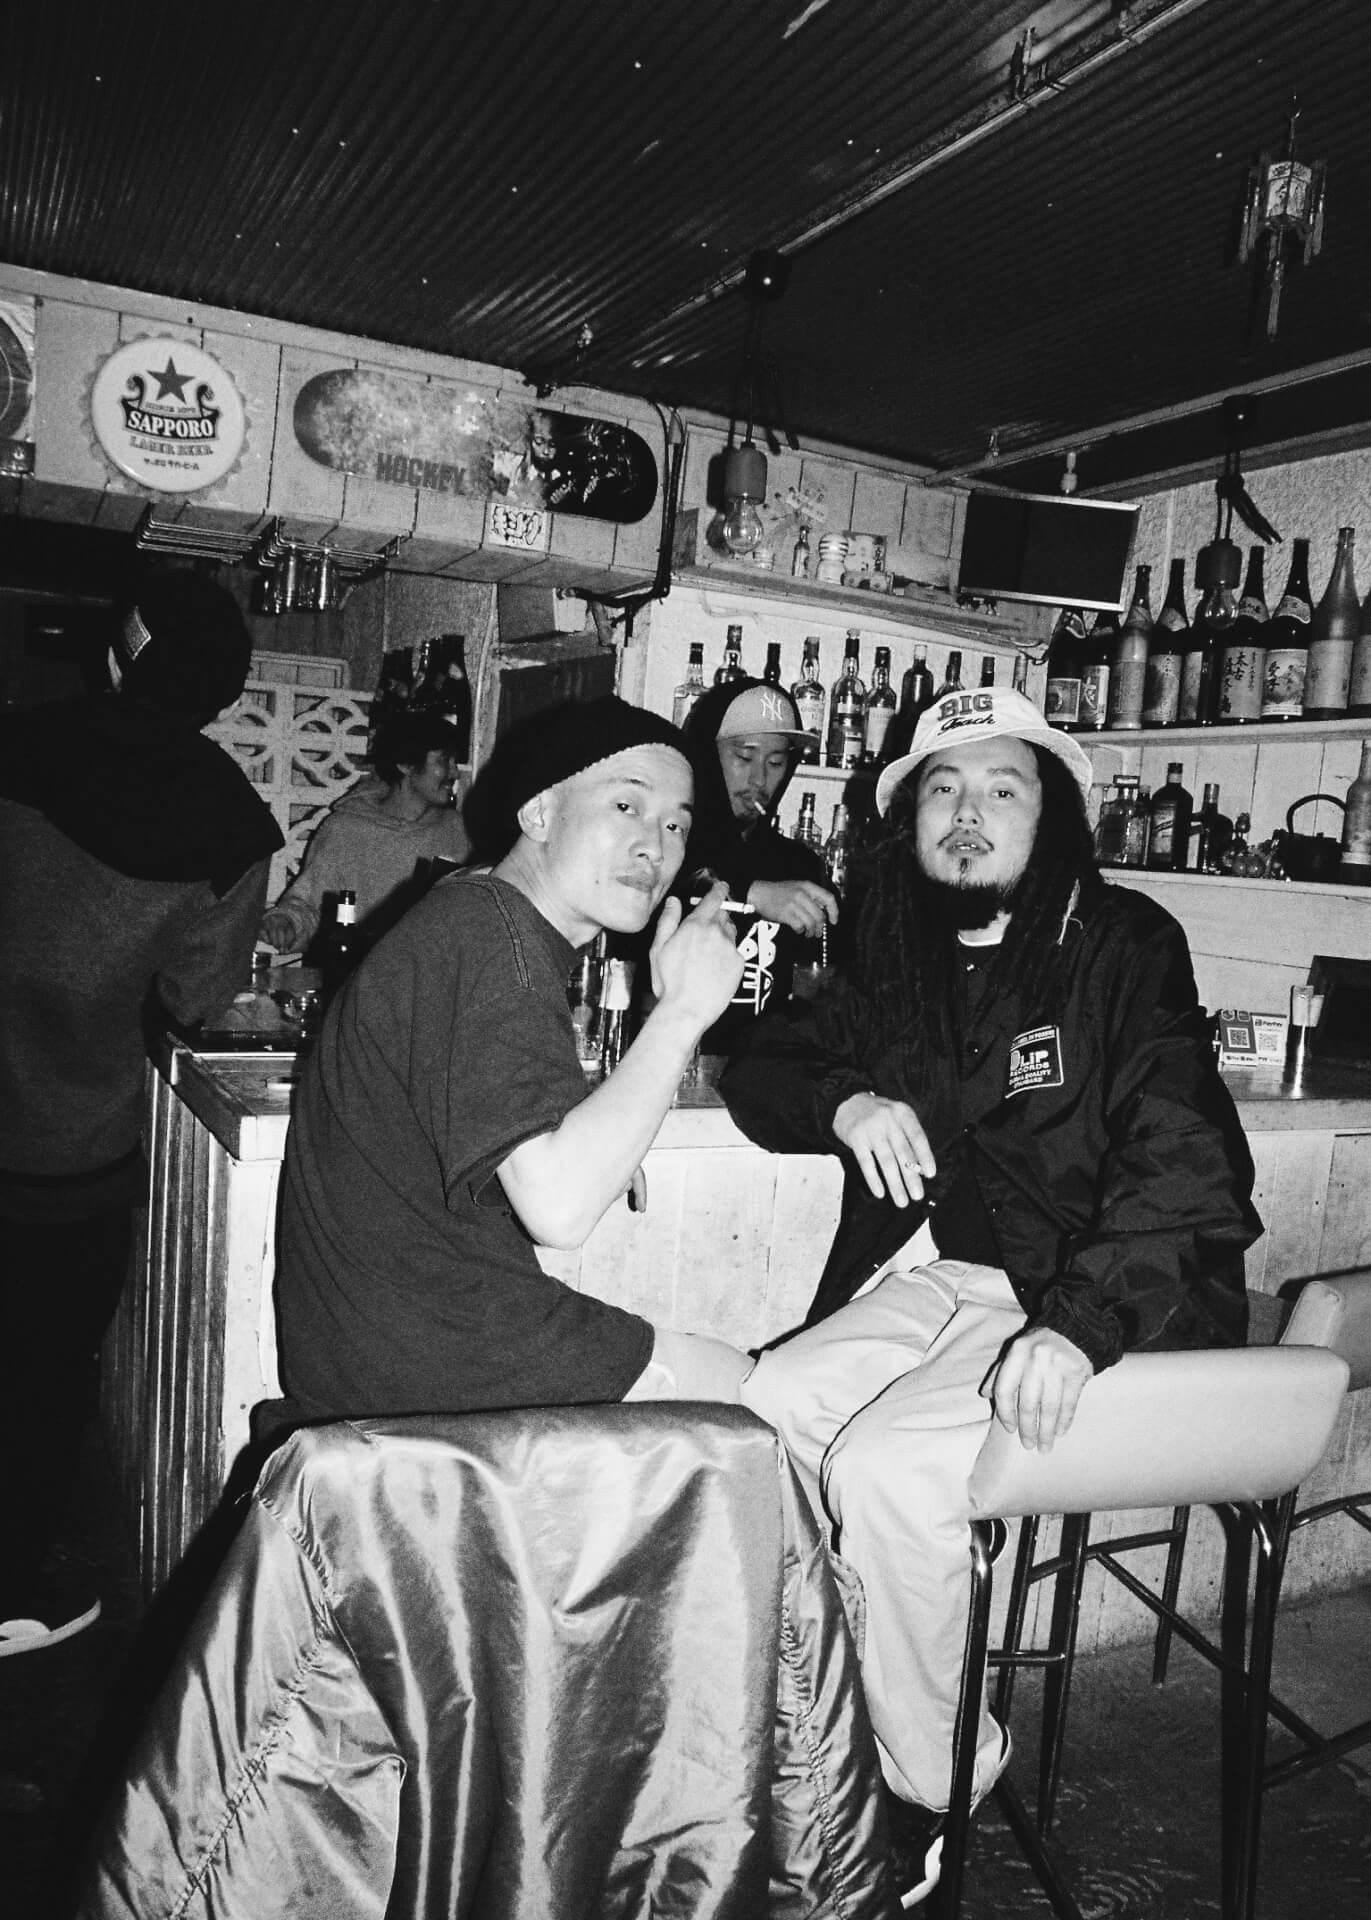 共にいる人たちへの郷愁──股旅(DUSTY HUSKY × DJ SHOKI × にっちょめ)、インタビュー interview2106-matatabi-dliprecords-10